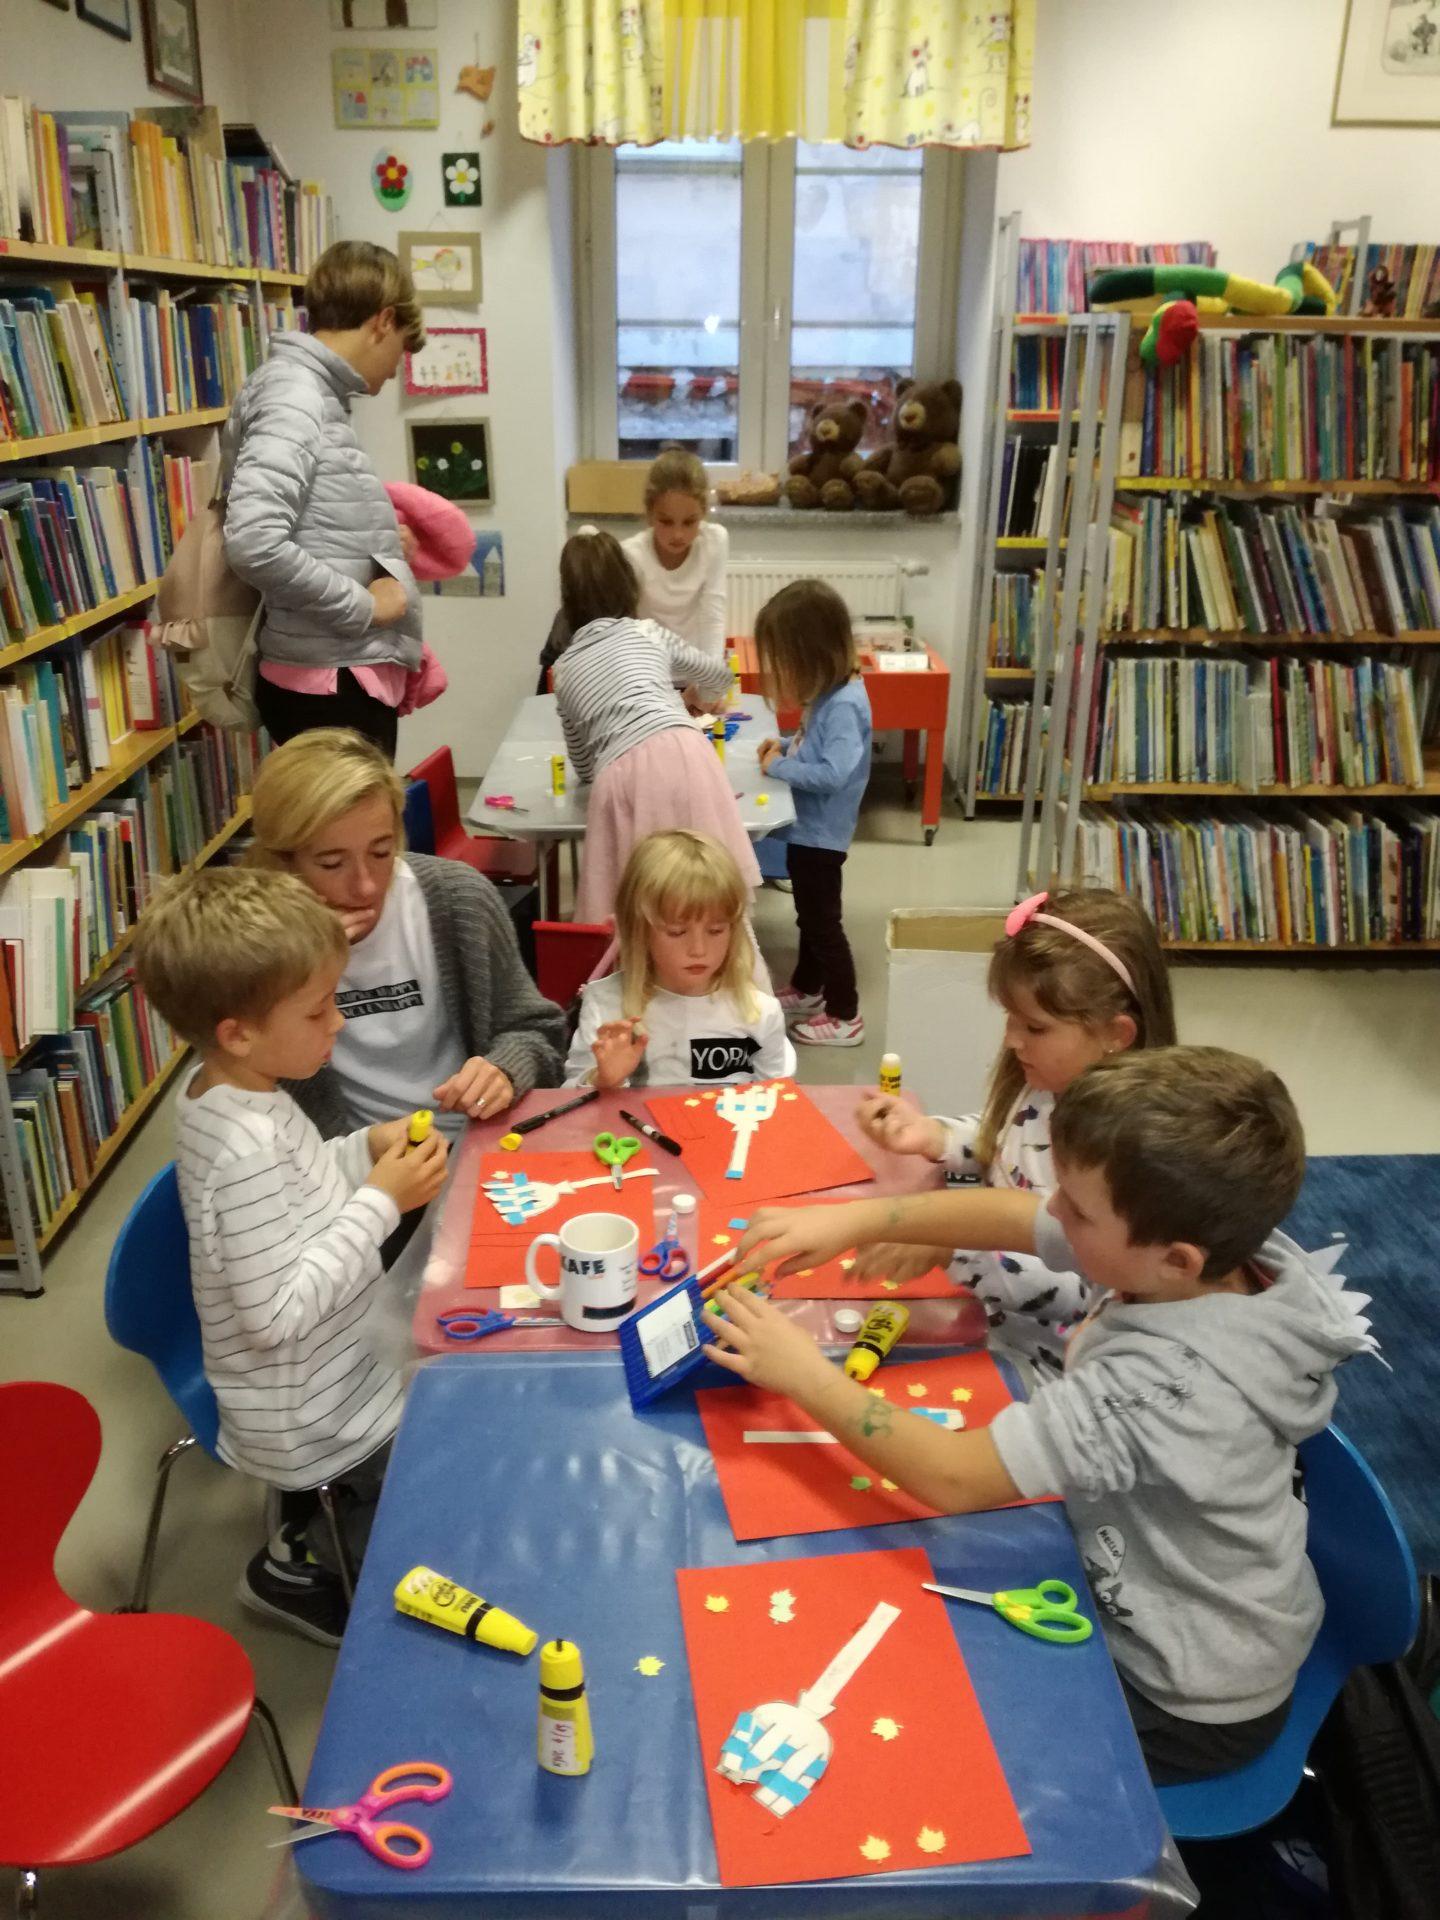 IMG 20191010 180544 - Pravljična urica z ustvarjalno delavnico za otroke od 4. leta dalje